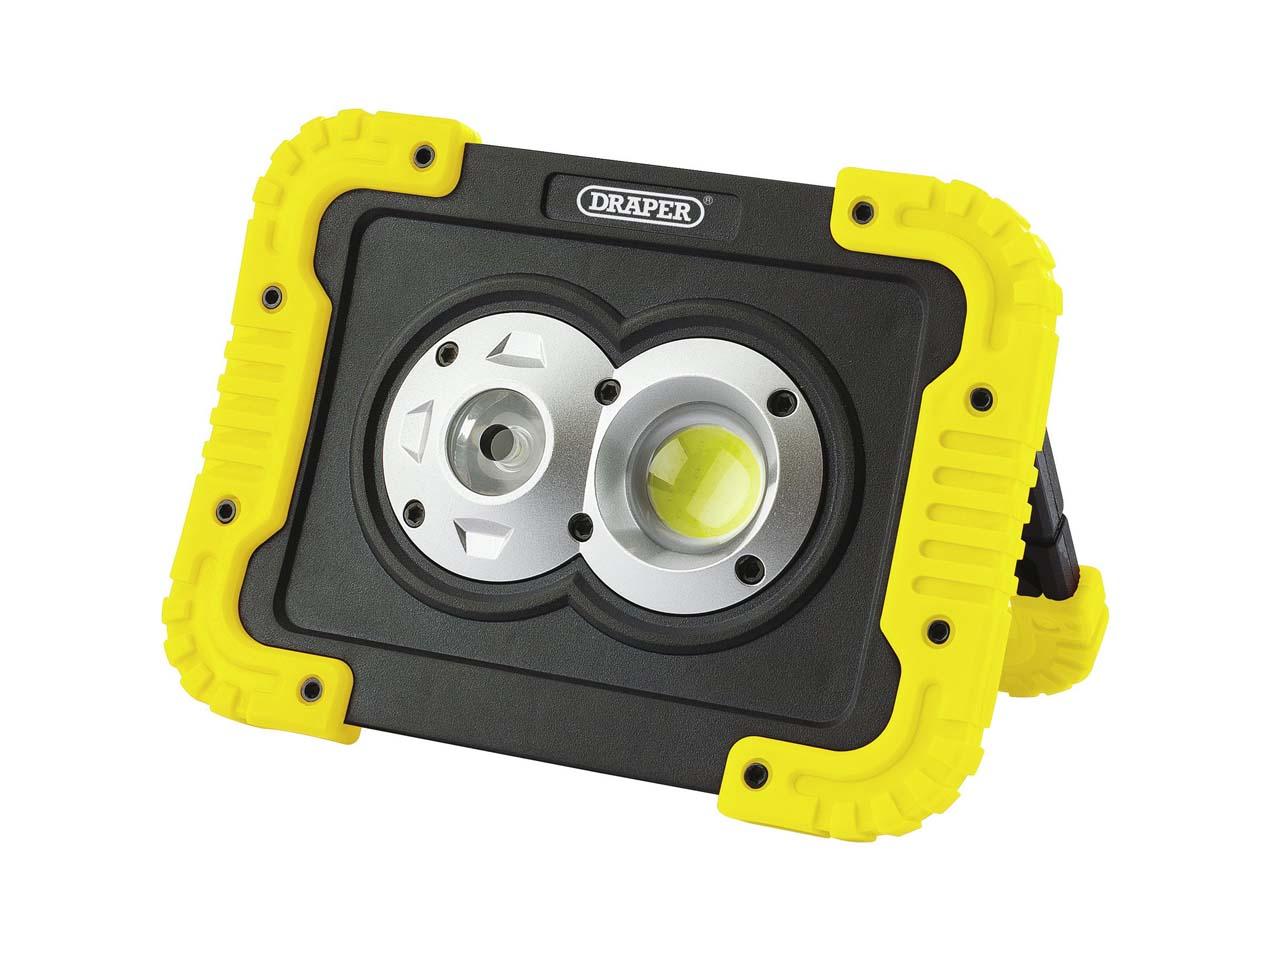 Draper Cod LED 20 Watt Work Light 240v